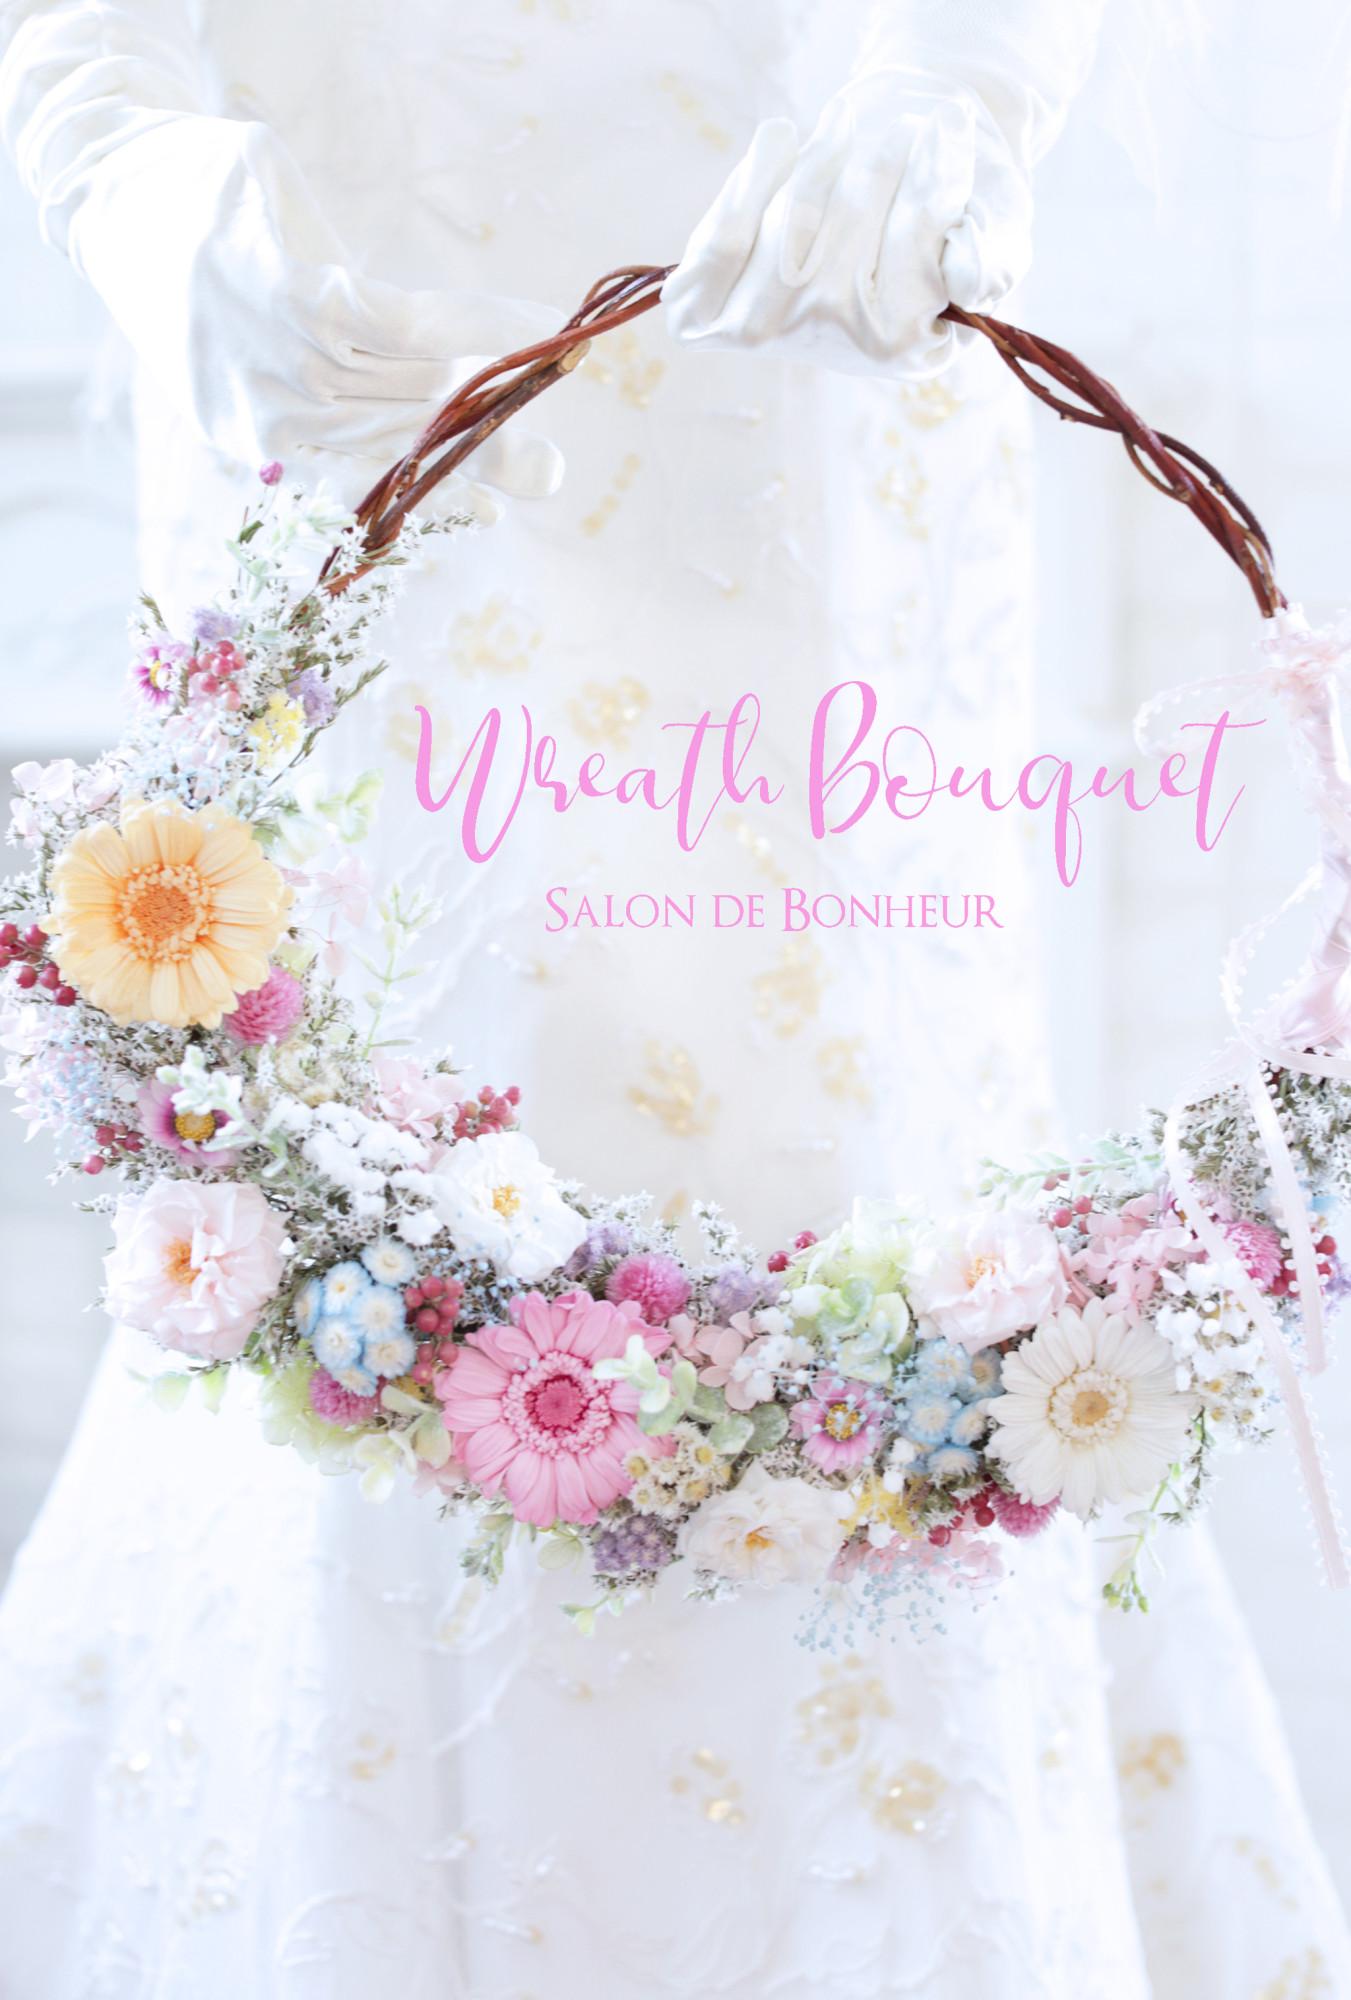 b_wreathbouquet20180120_5